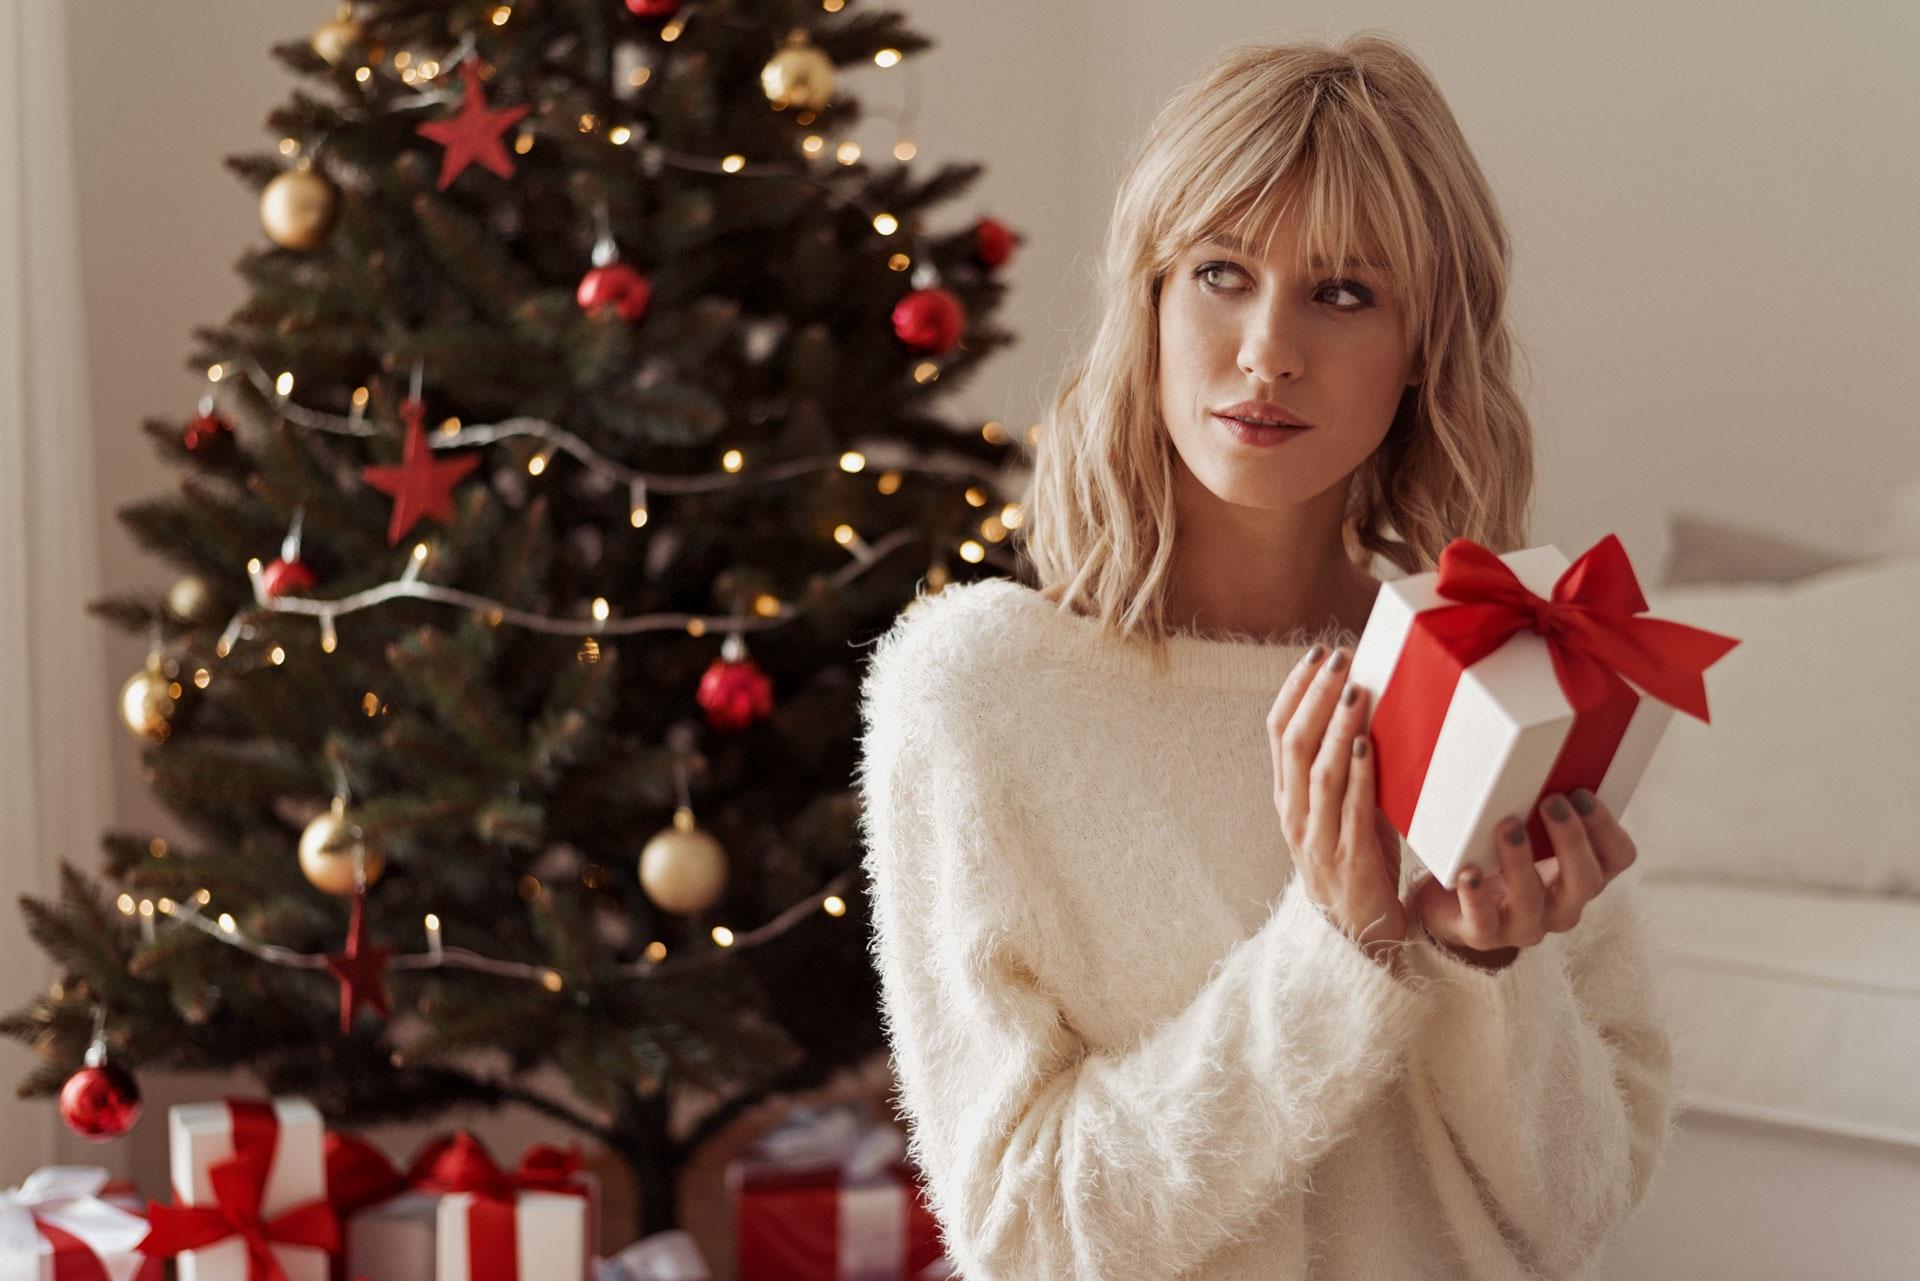 Os melhores presentes de Natal para mulheres